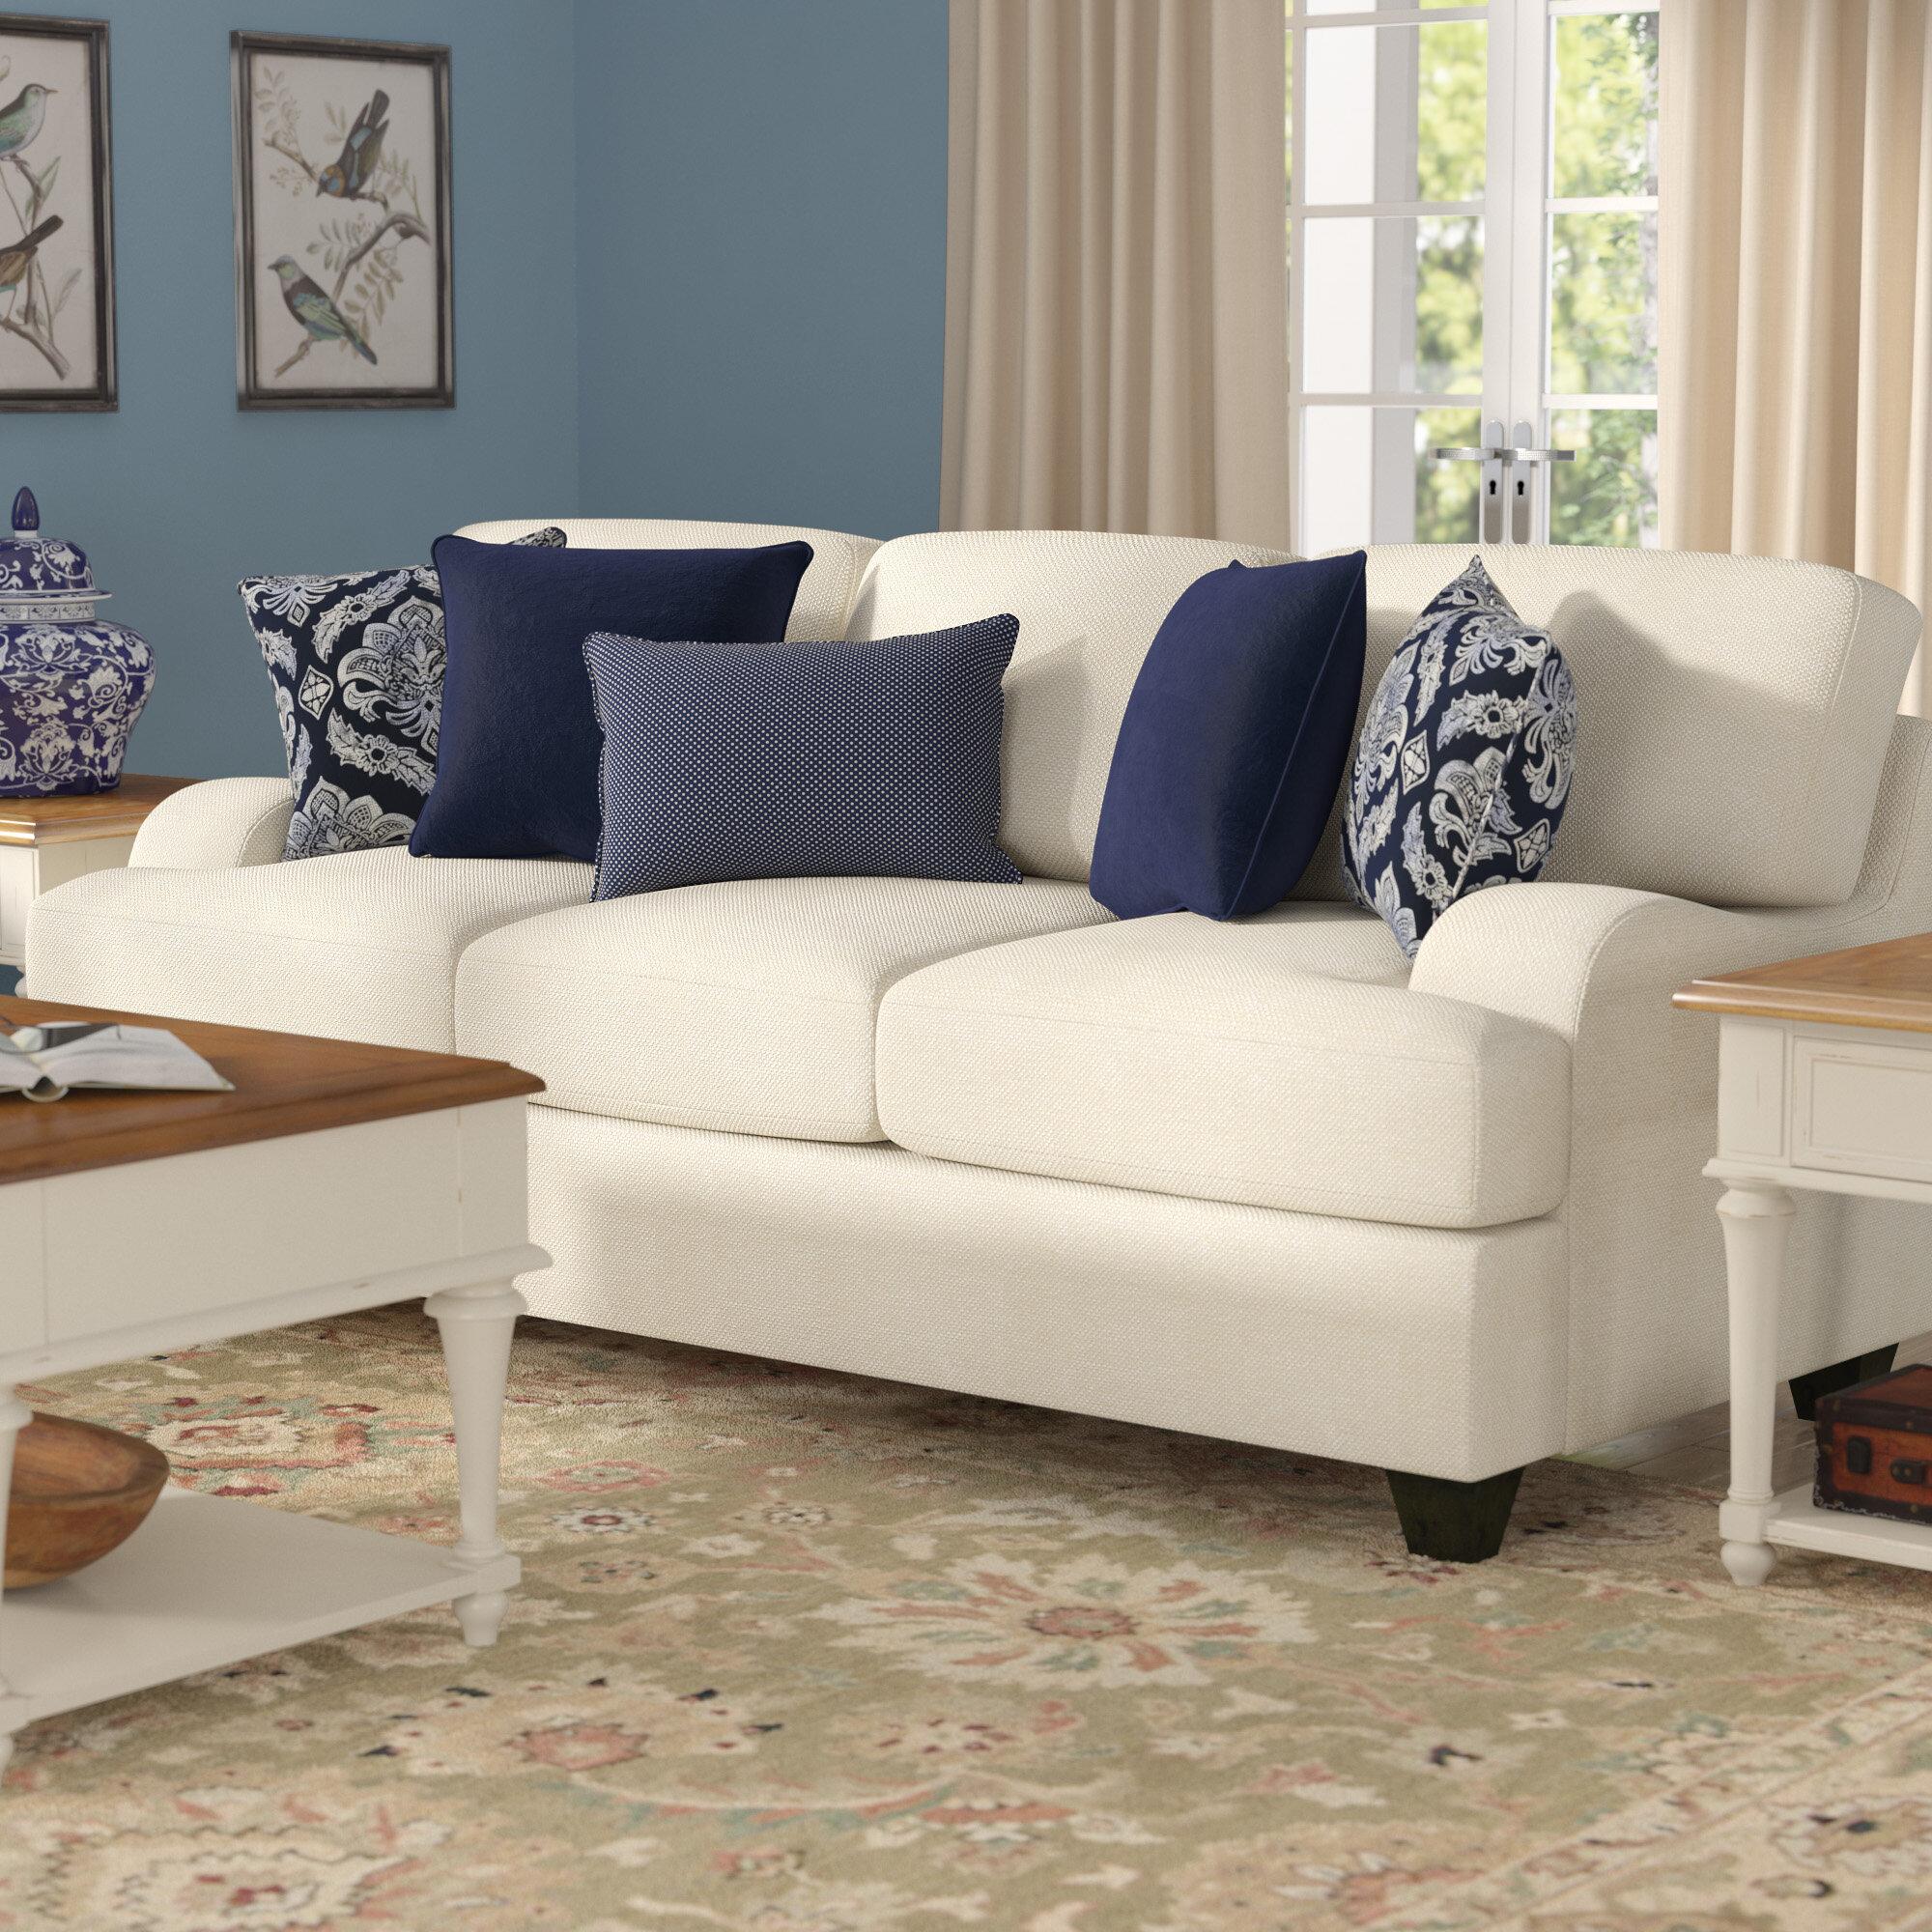 Simmons Upholstery Hattiesburg Stone Sofa Reviews Joss Main